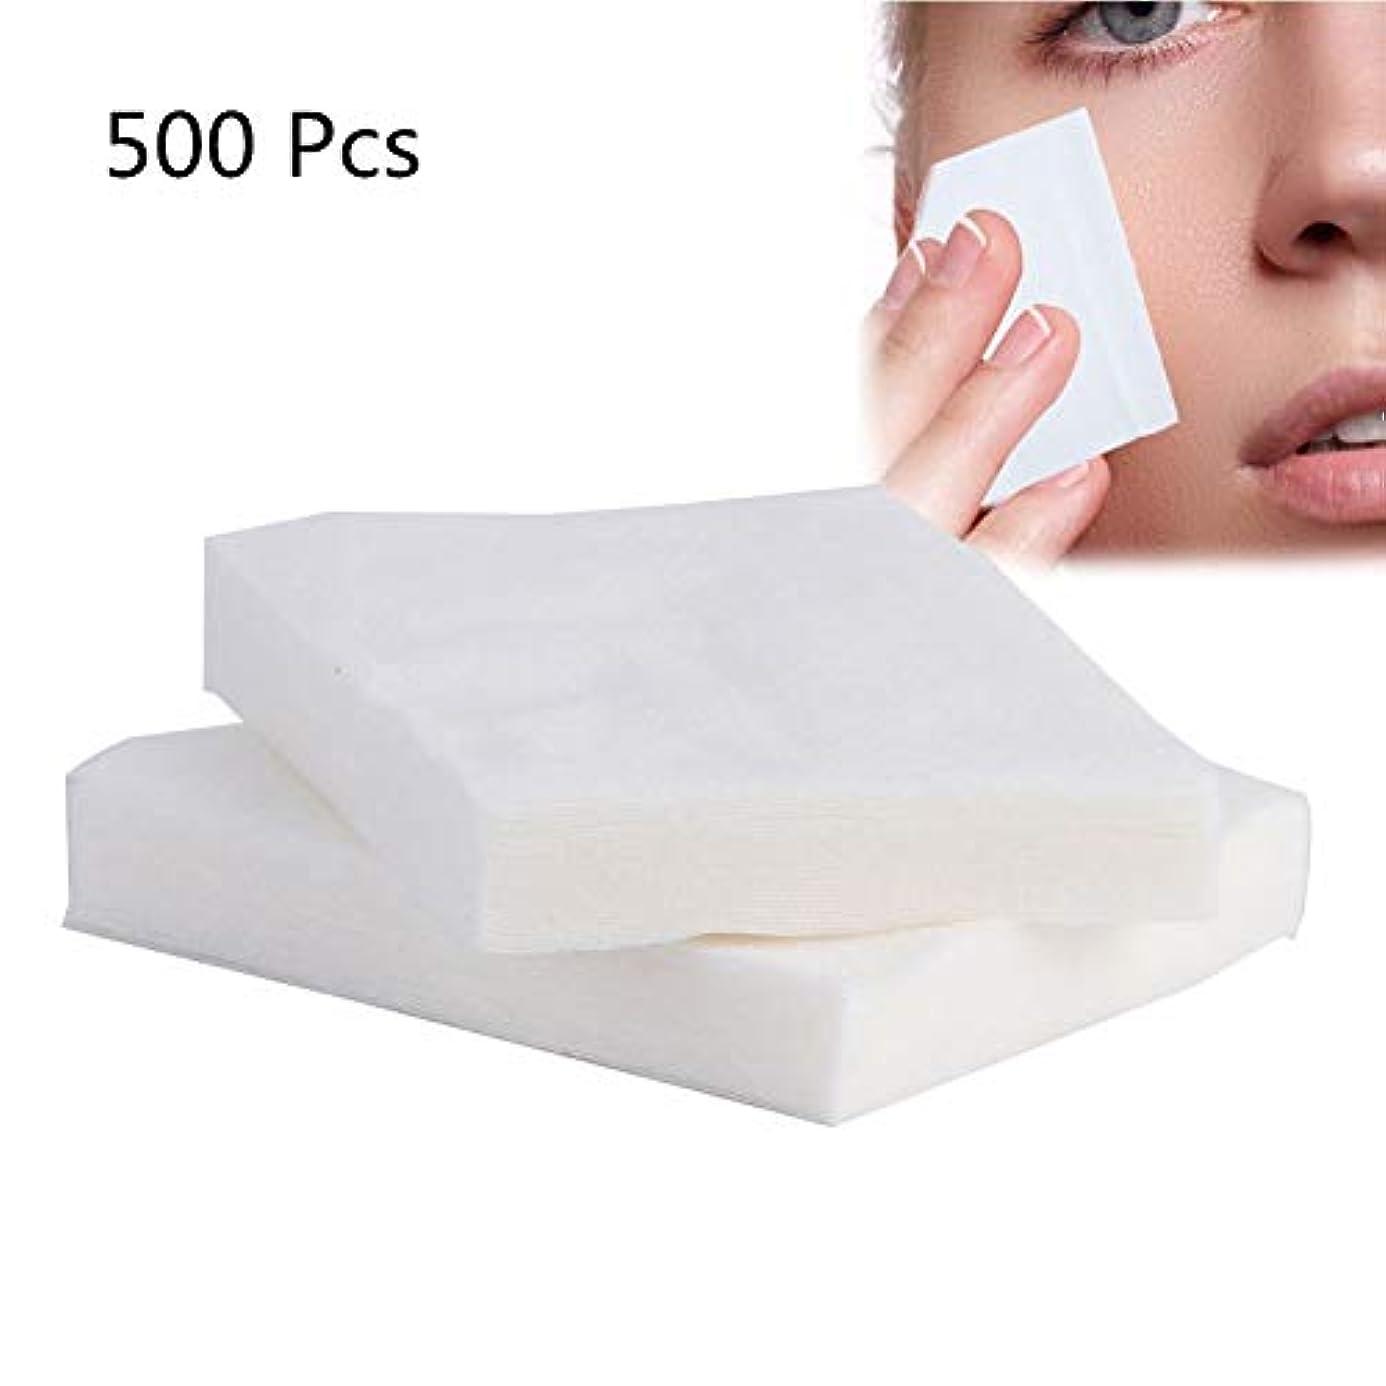 賛美歌保護極貧500ピース綿棒、化粧用メイク落とし、洗顔、ウェット/ドライ/フェイス/メイク落とし用